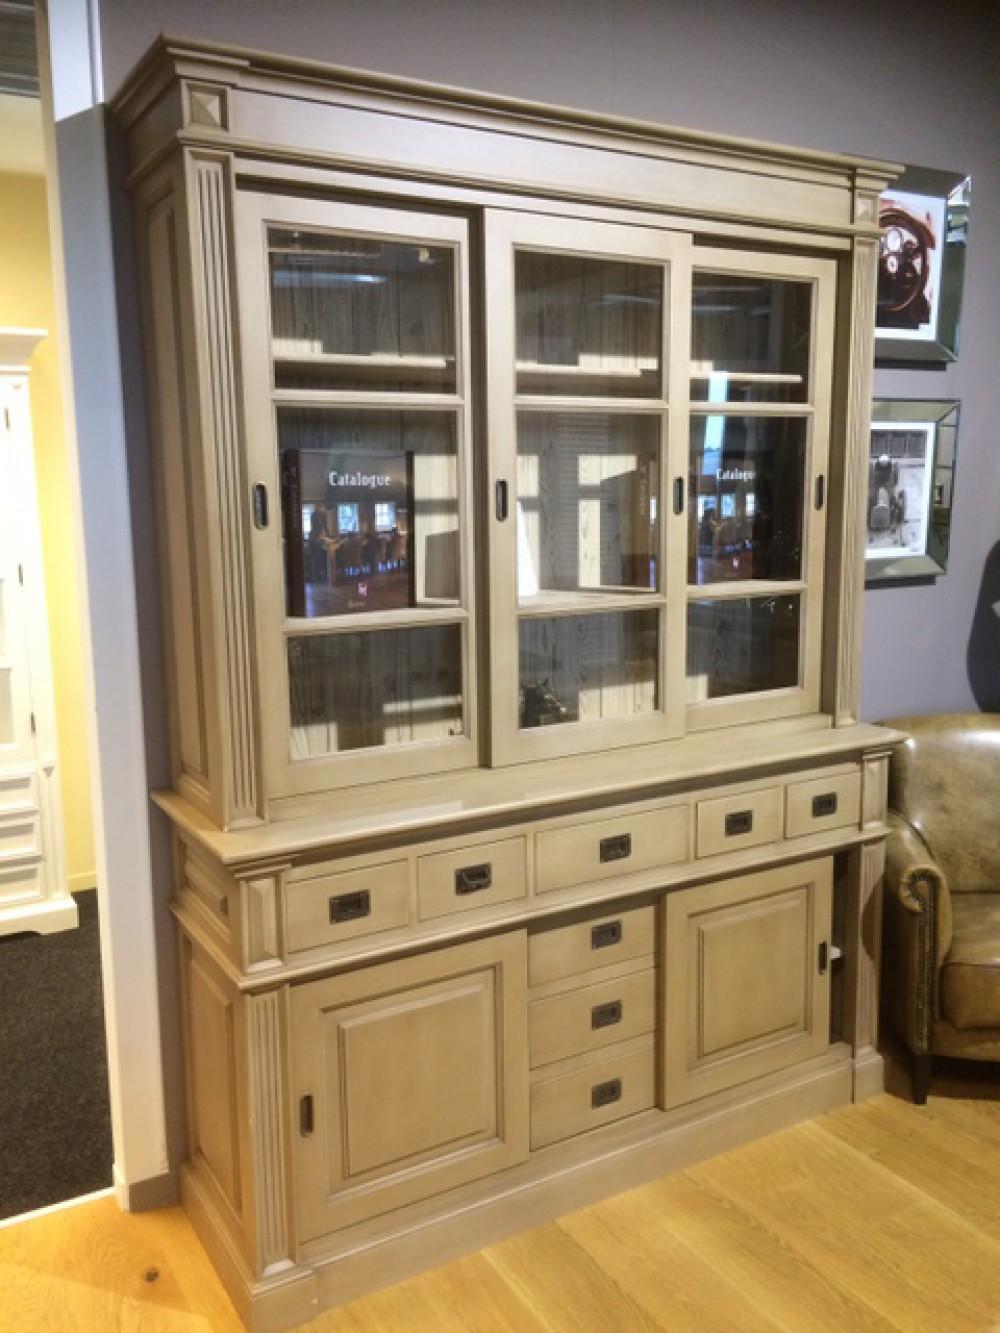 vitrine taupe geschirrschrank mit schiebet ren aus massivholz taupe k chenschrank im landhausstil. Black Bedroom Furniture Sets. Home Design Ideas